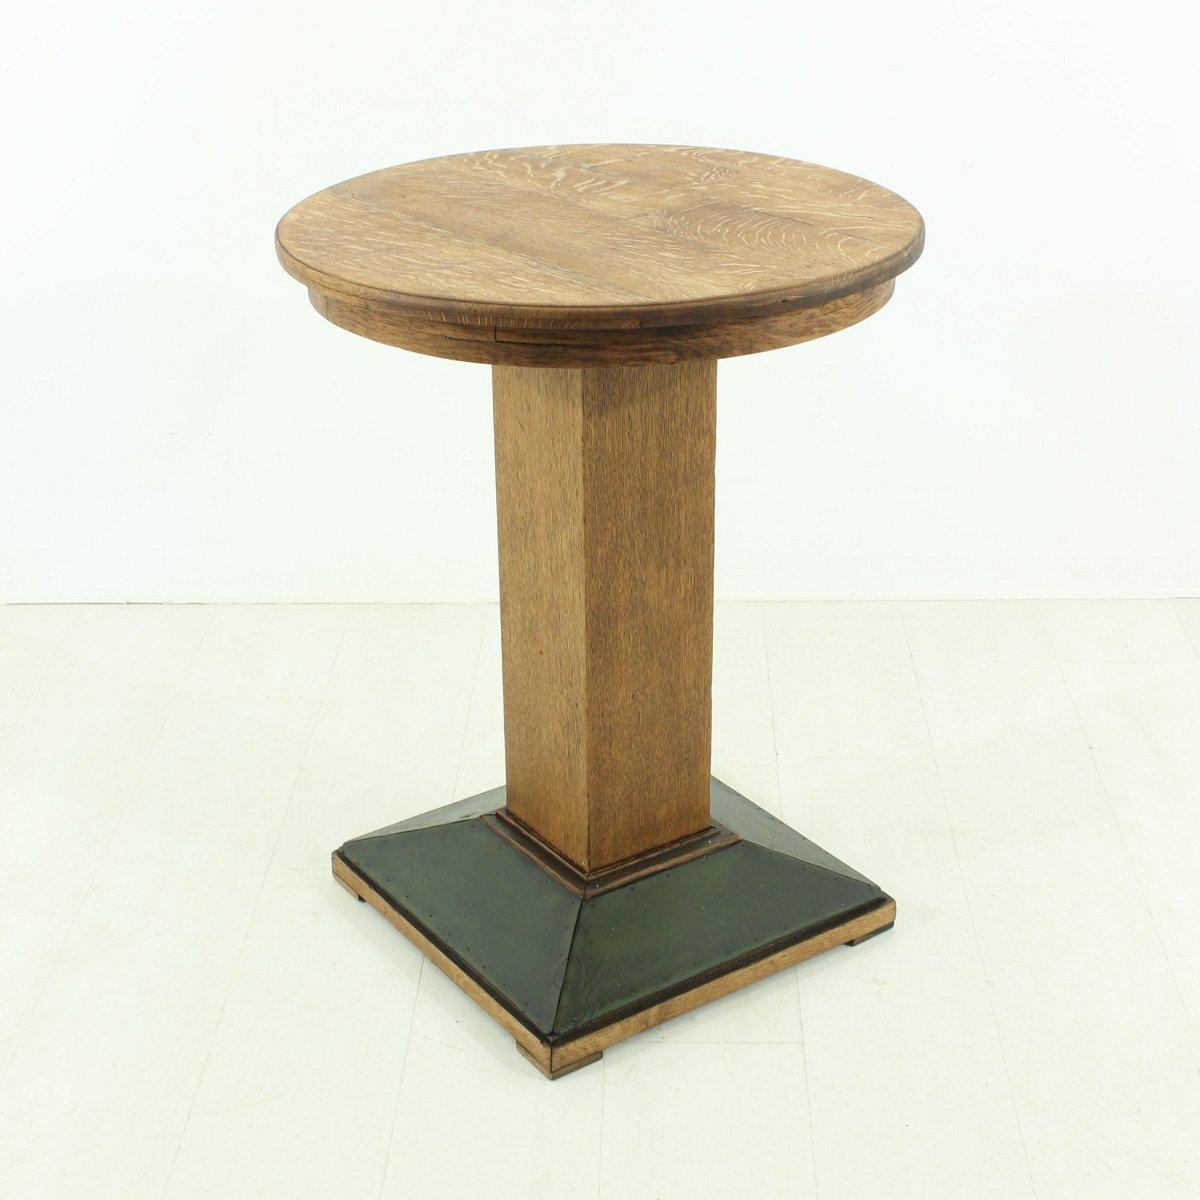 kleiner tavern tisch 1920er bei pamono kaufen. Black Bedroom Furniture Sets. Home Design Ideas